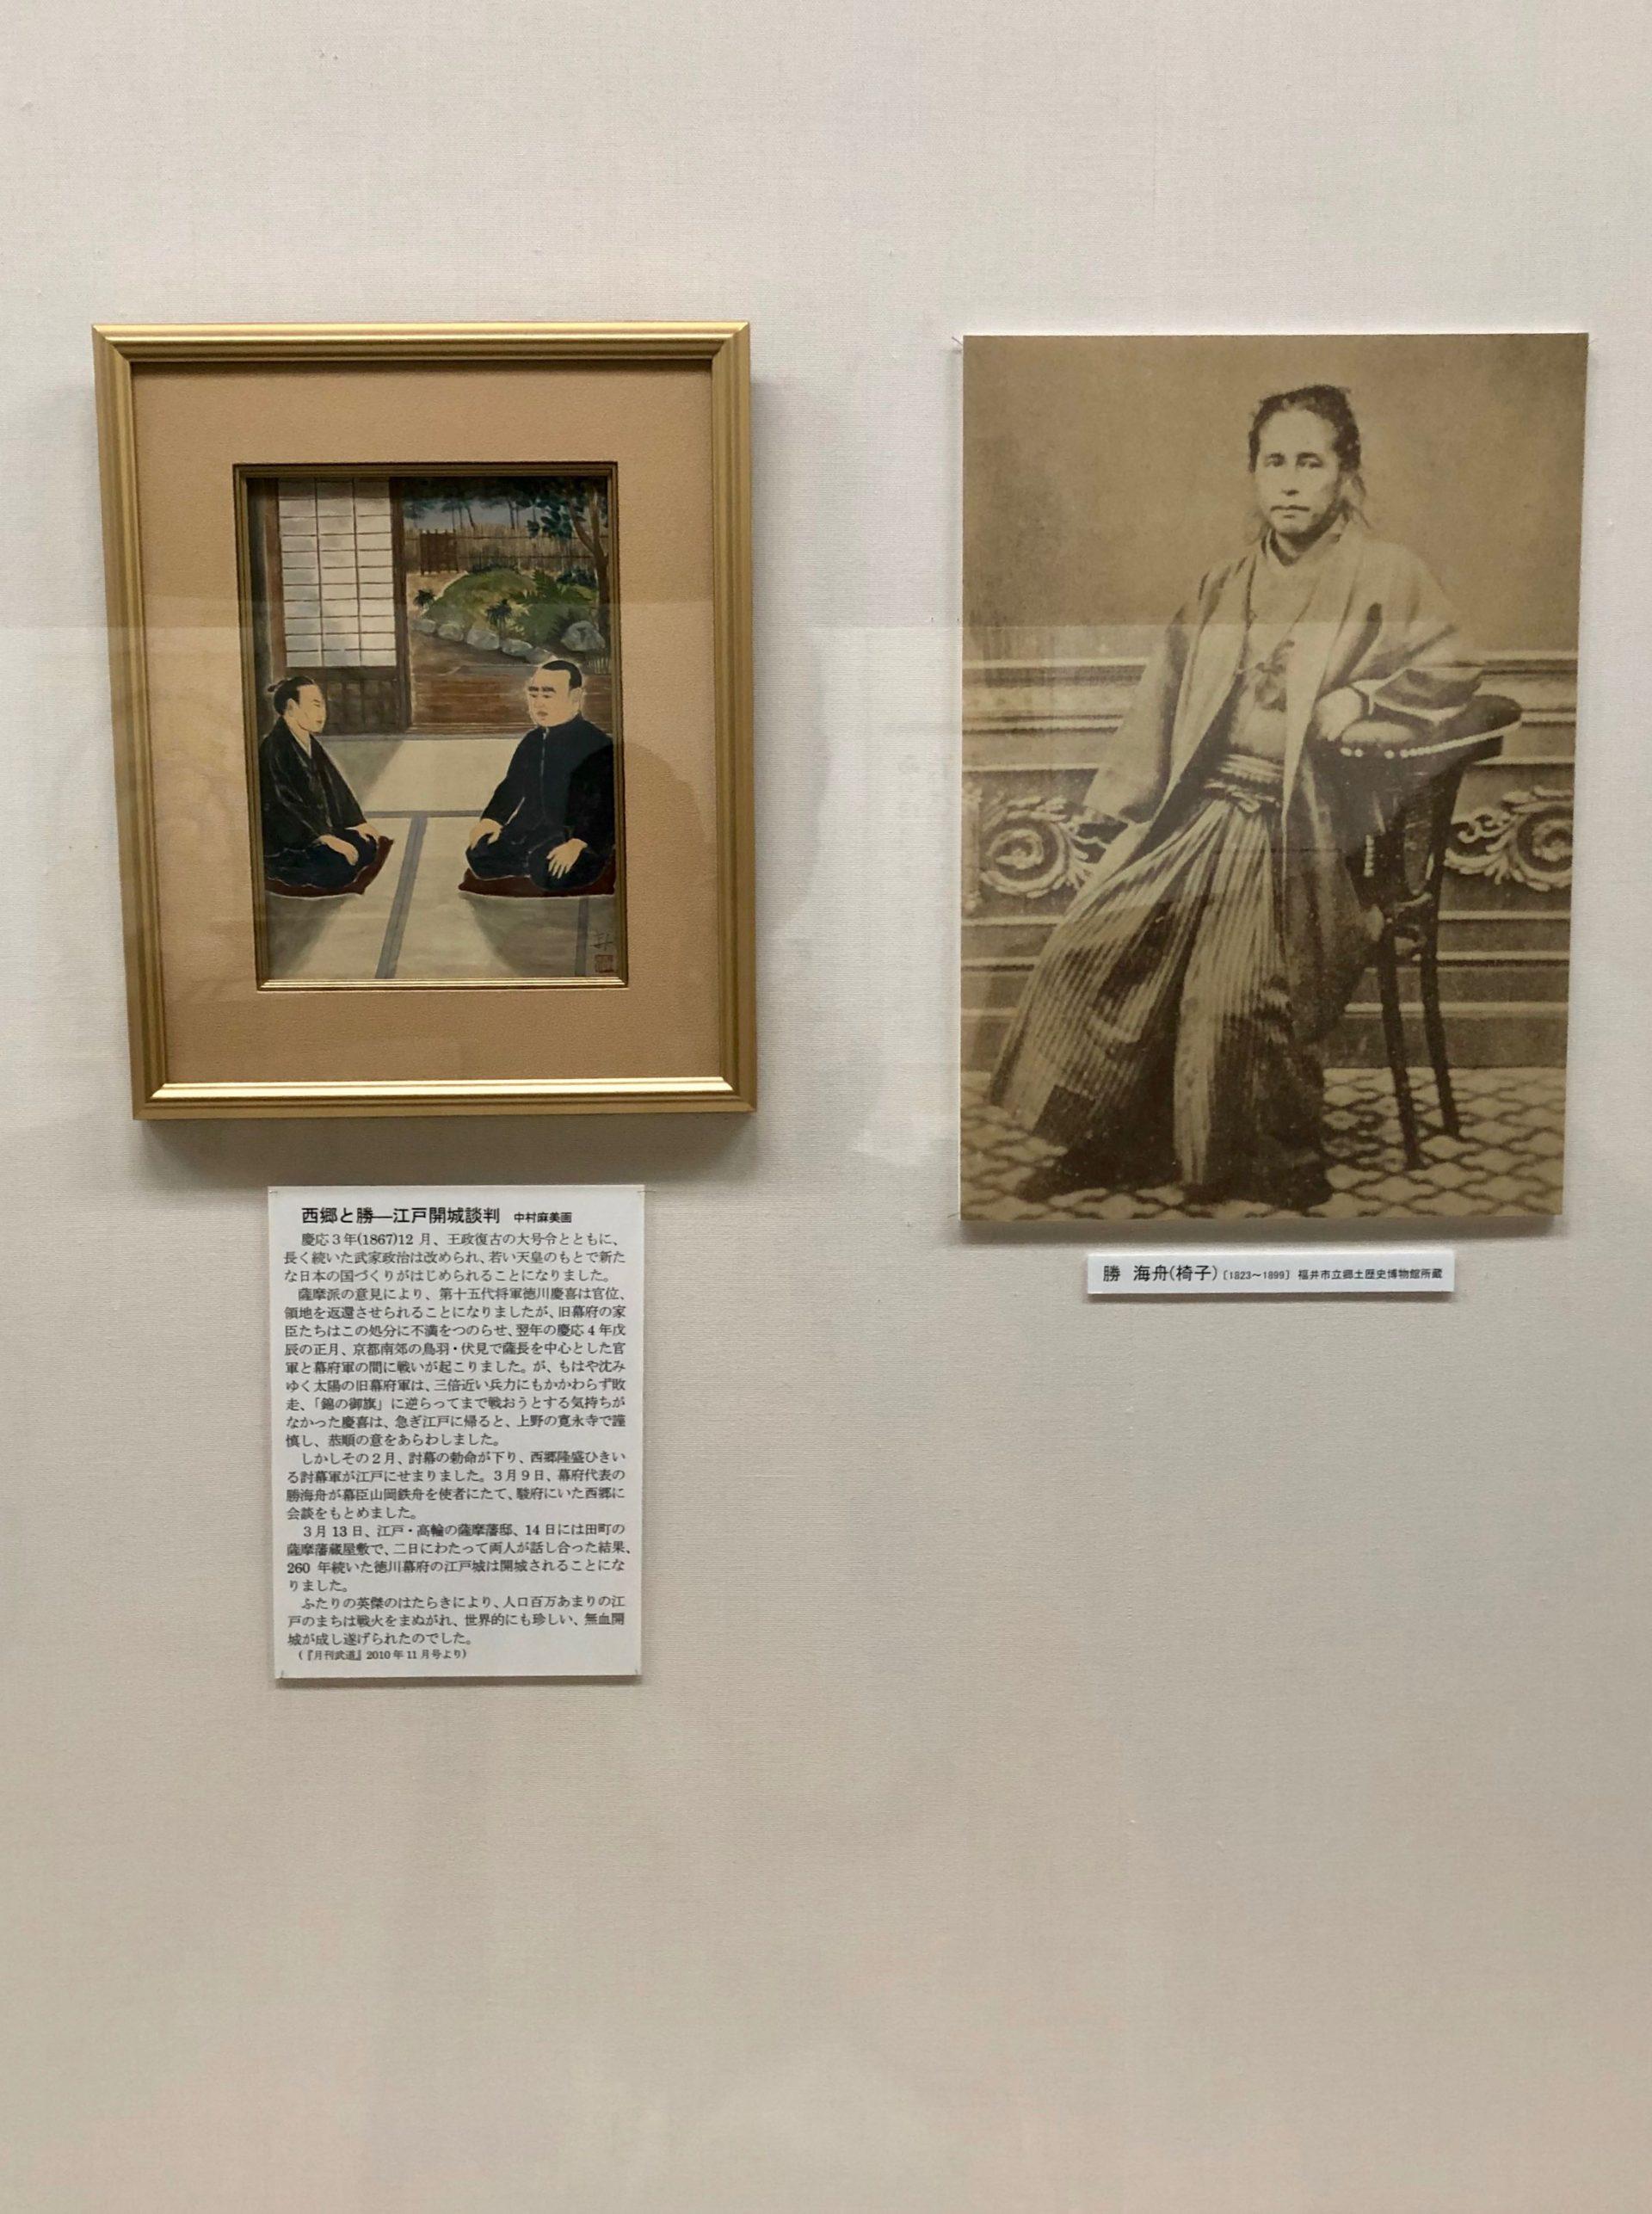 静岡県藤枝市郷土博物館にお伺いして参りました。